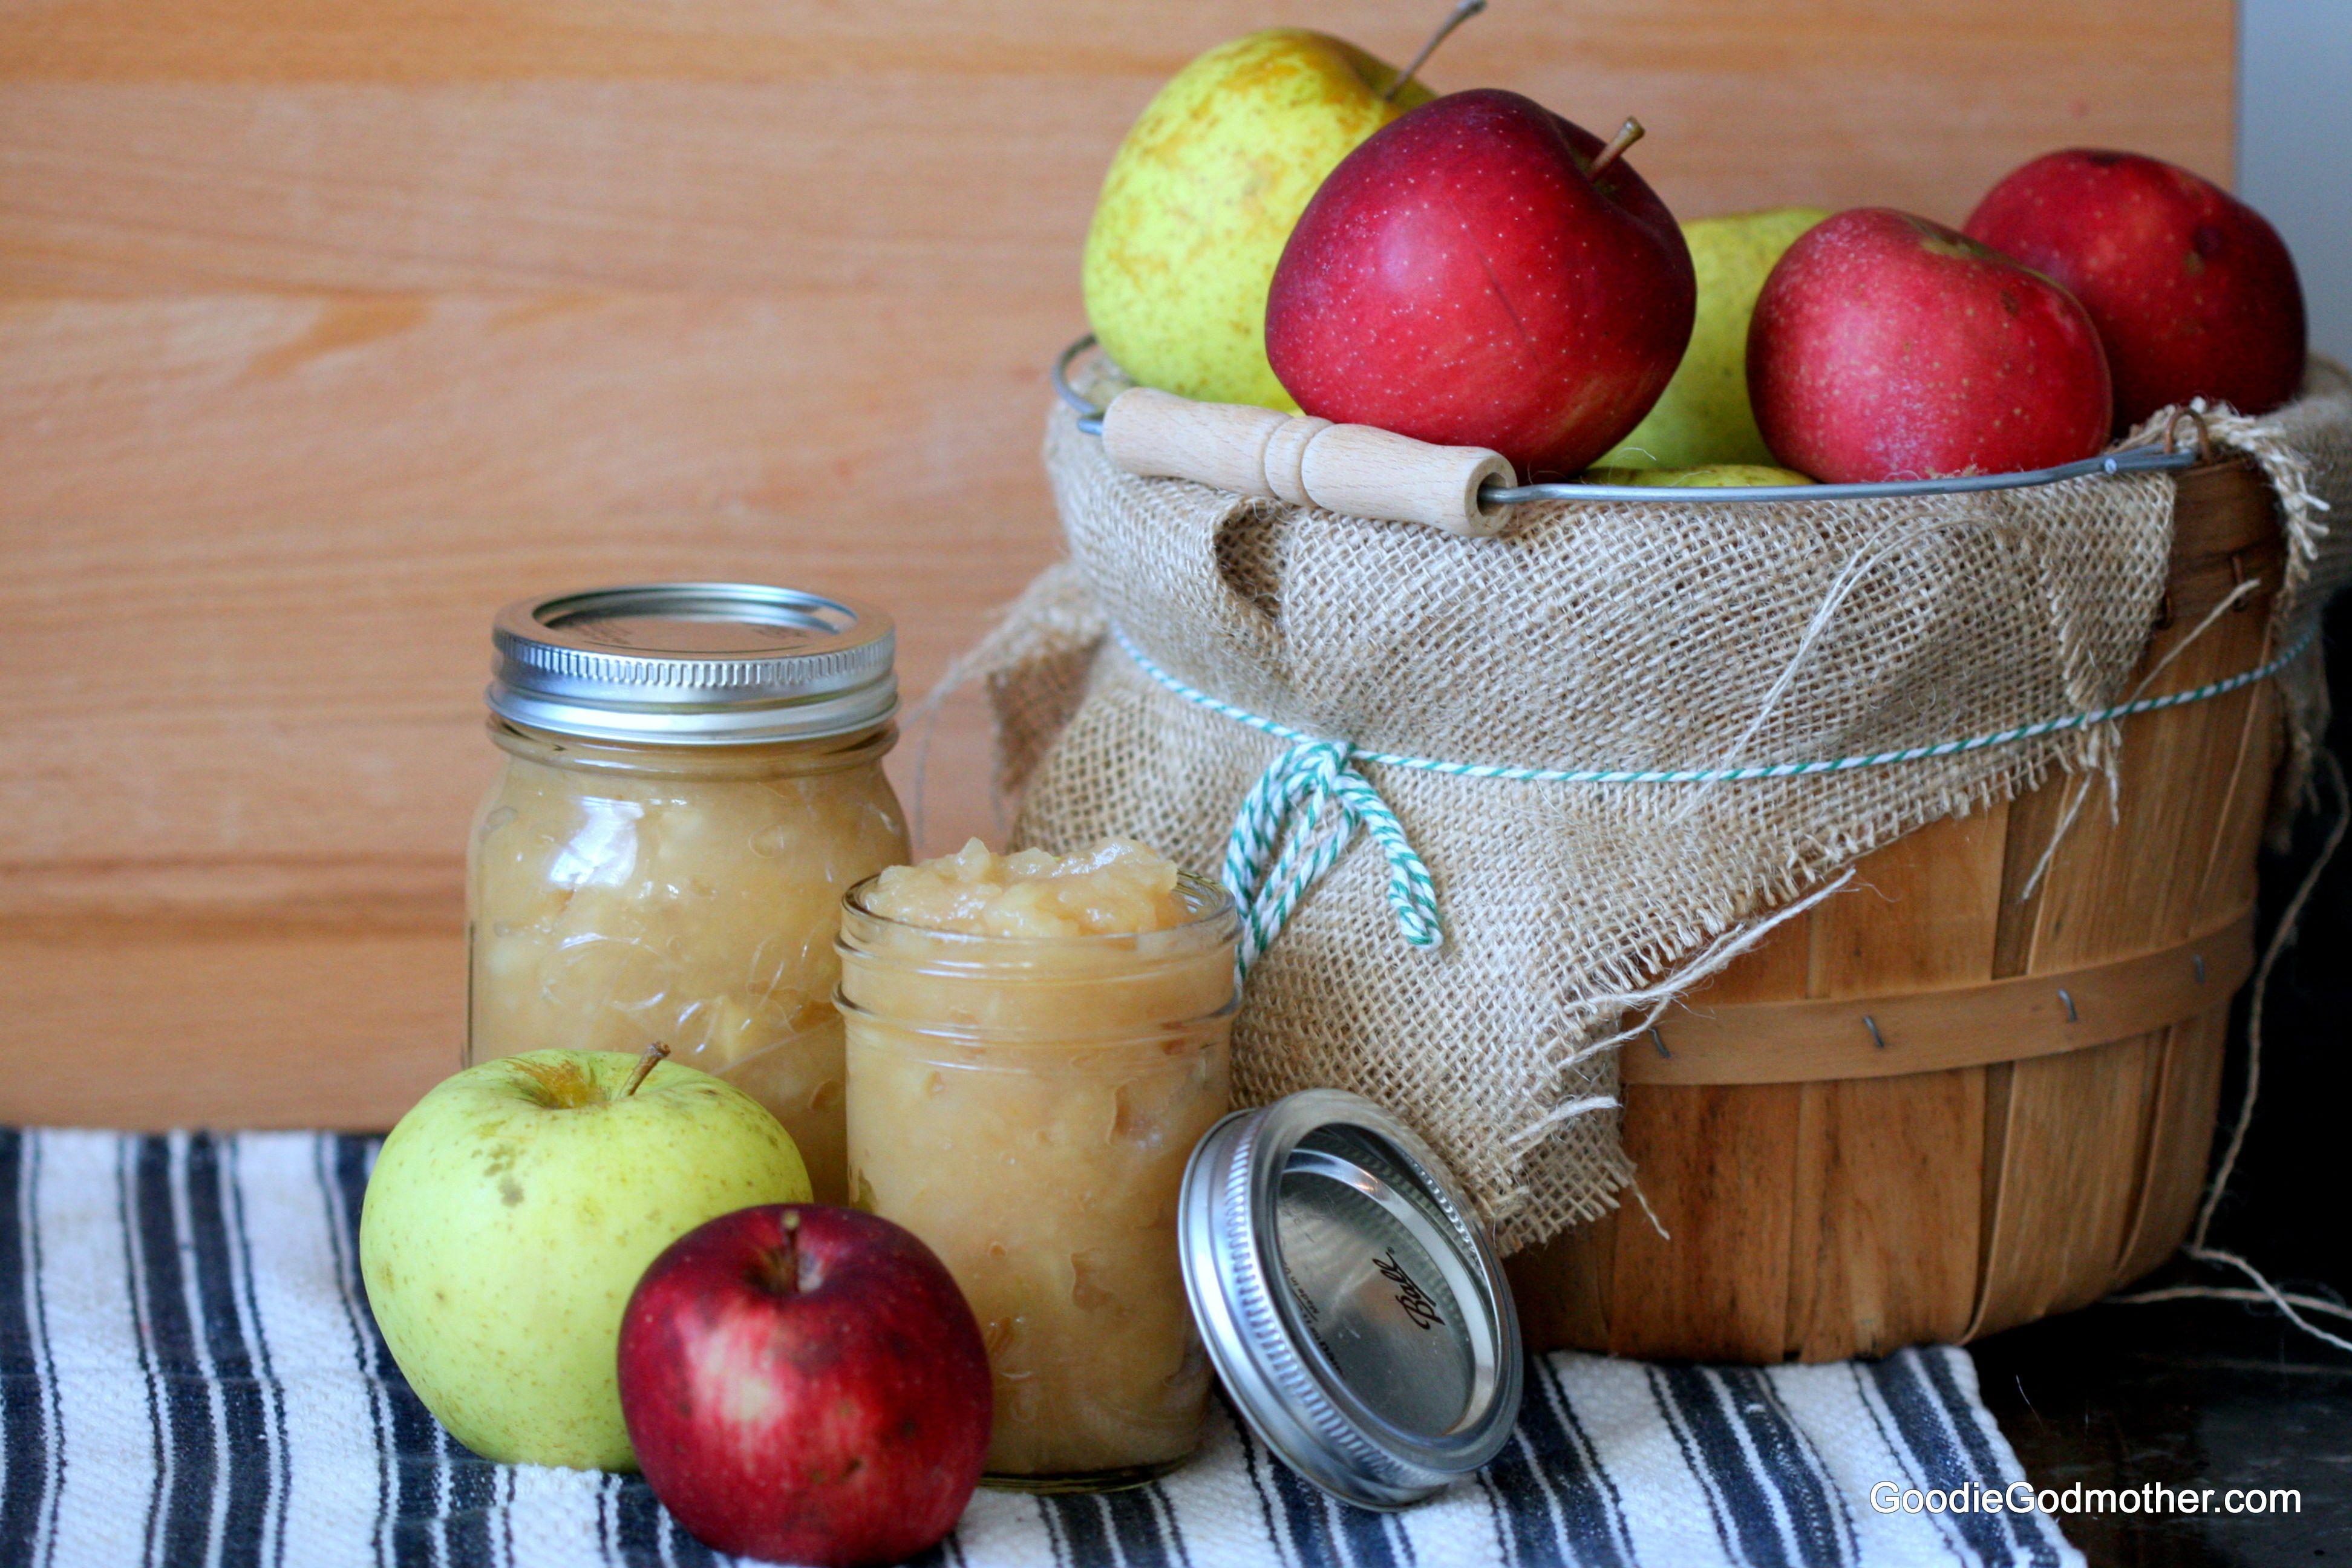 Crockpot Applesauce Recipe | Crockpot Fever | Pinterest | Merriam webster, Crockpot and Crock pot